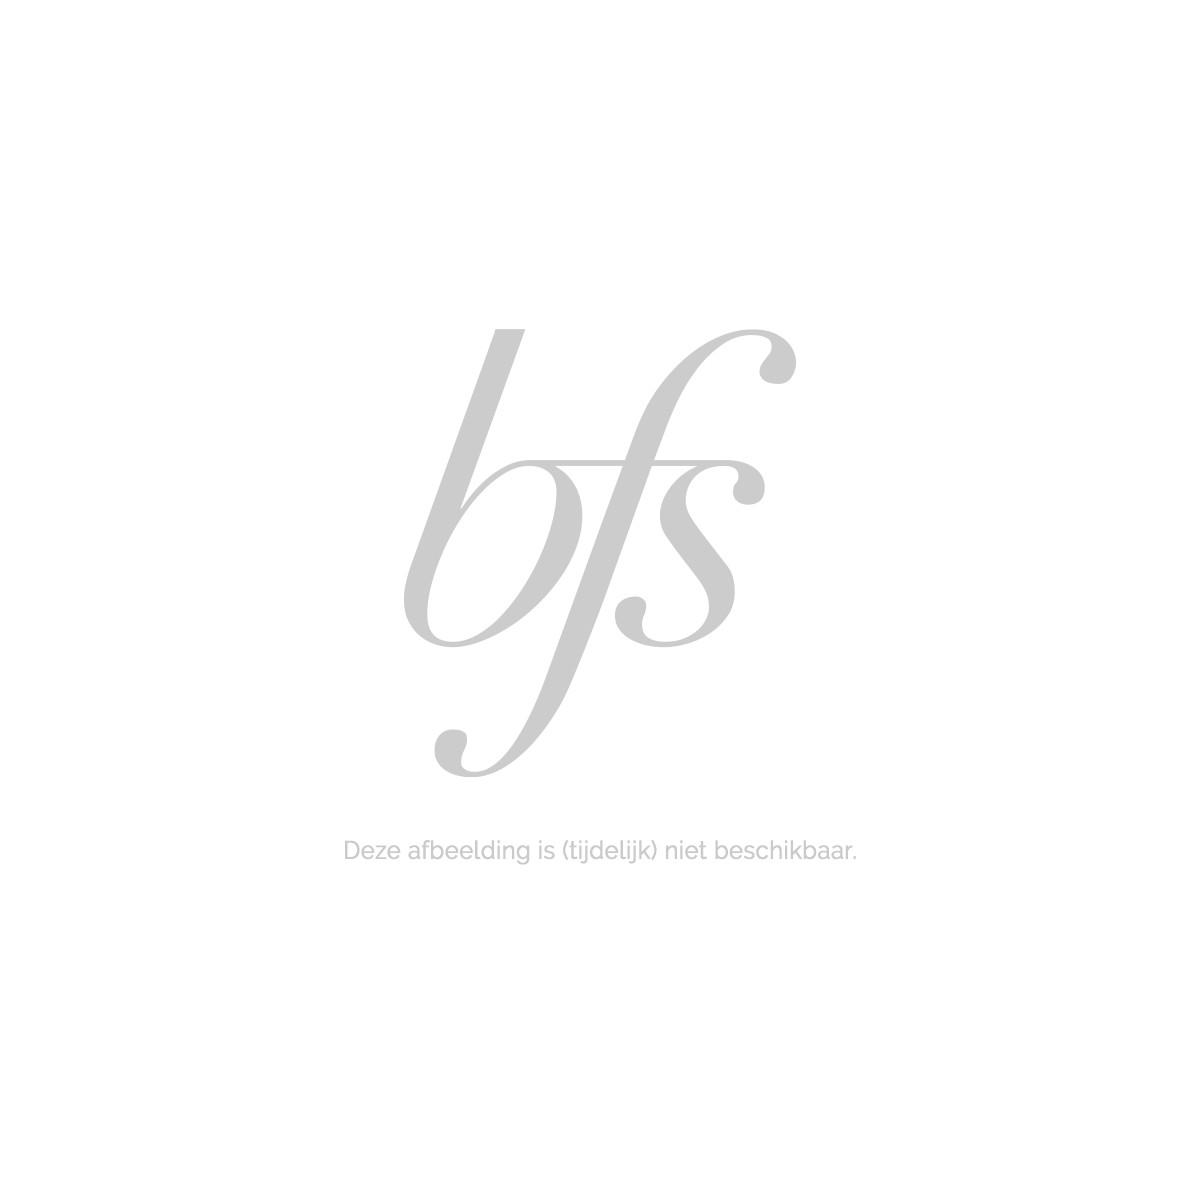 Chanel No 5 refillable Eau de Parfum 60 ml